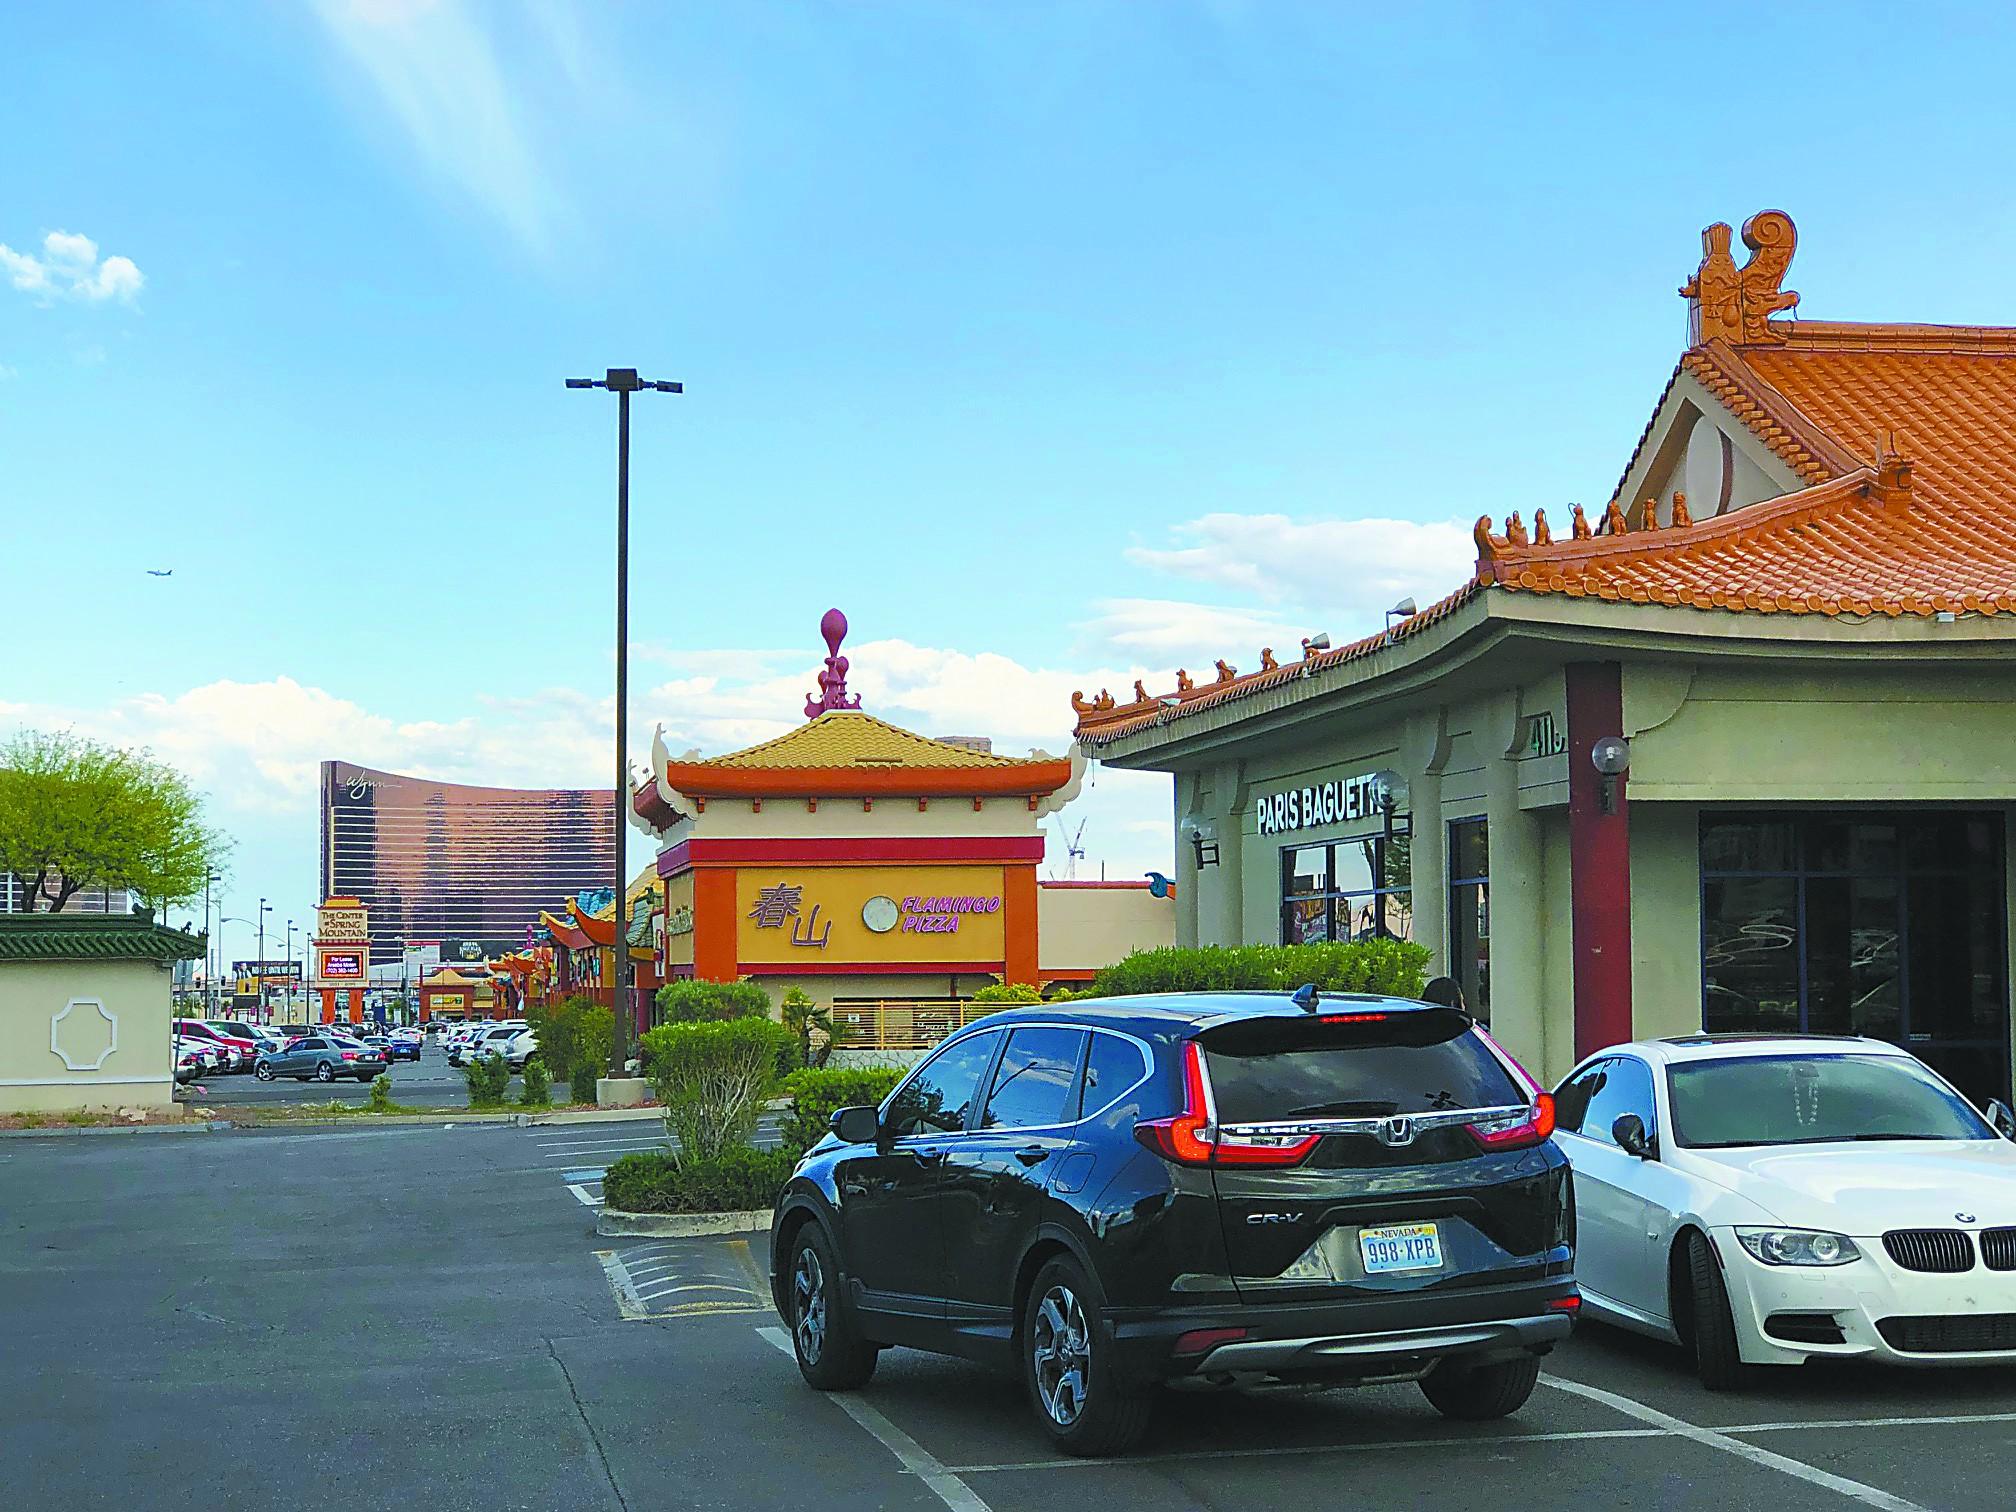 薪酬高福利不错 餐馆多生意兴隆:华人增多改变拉斯维加斯风貌